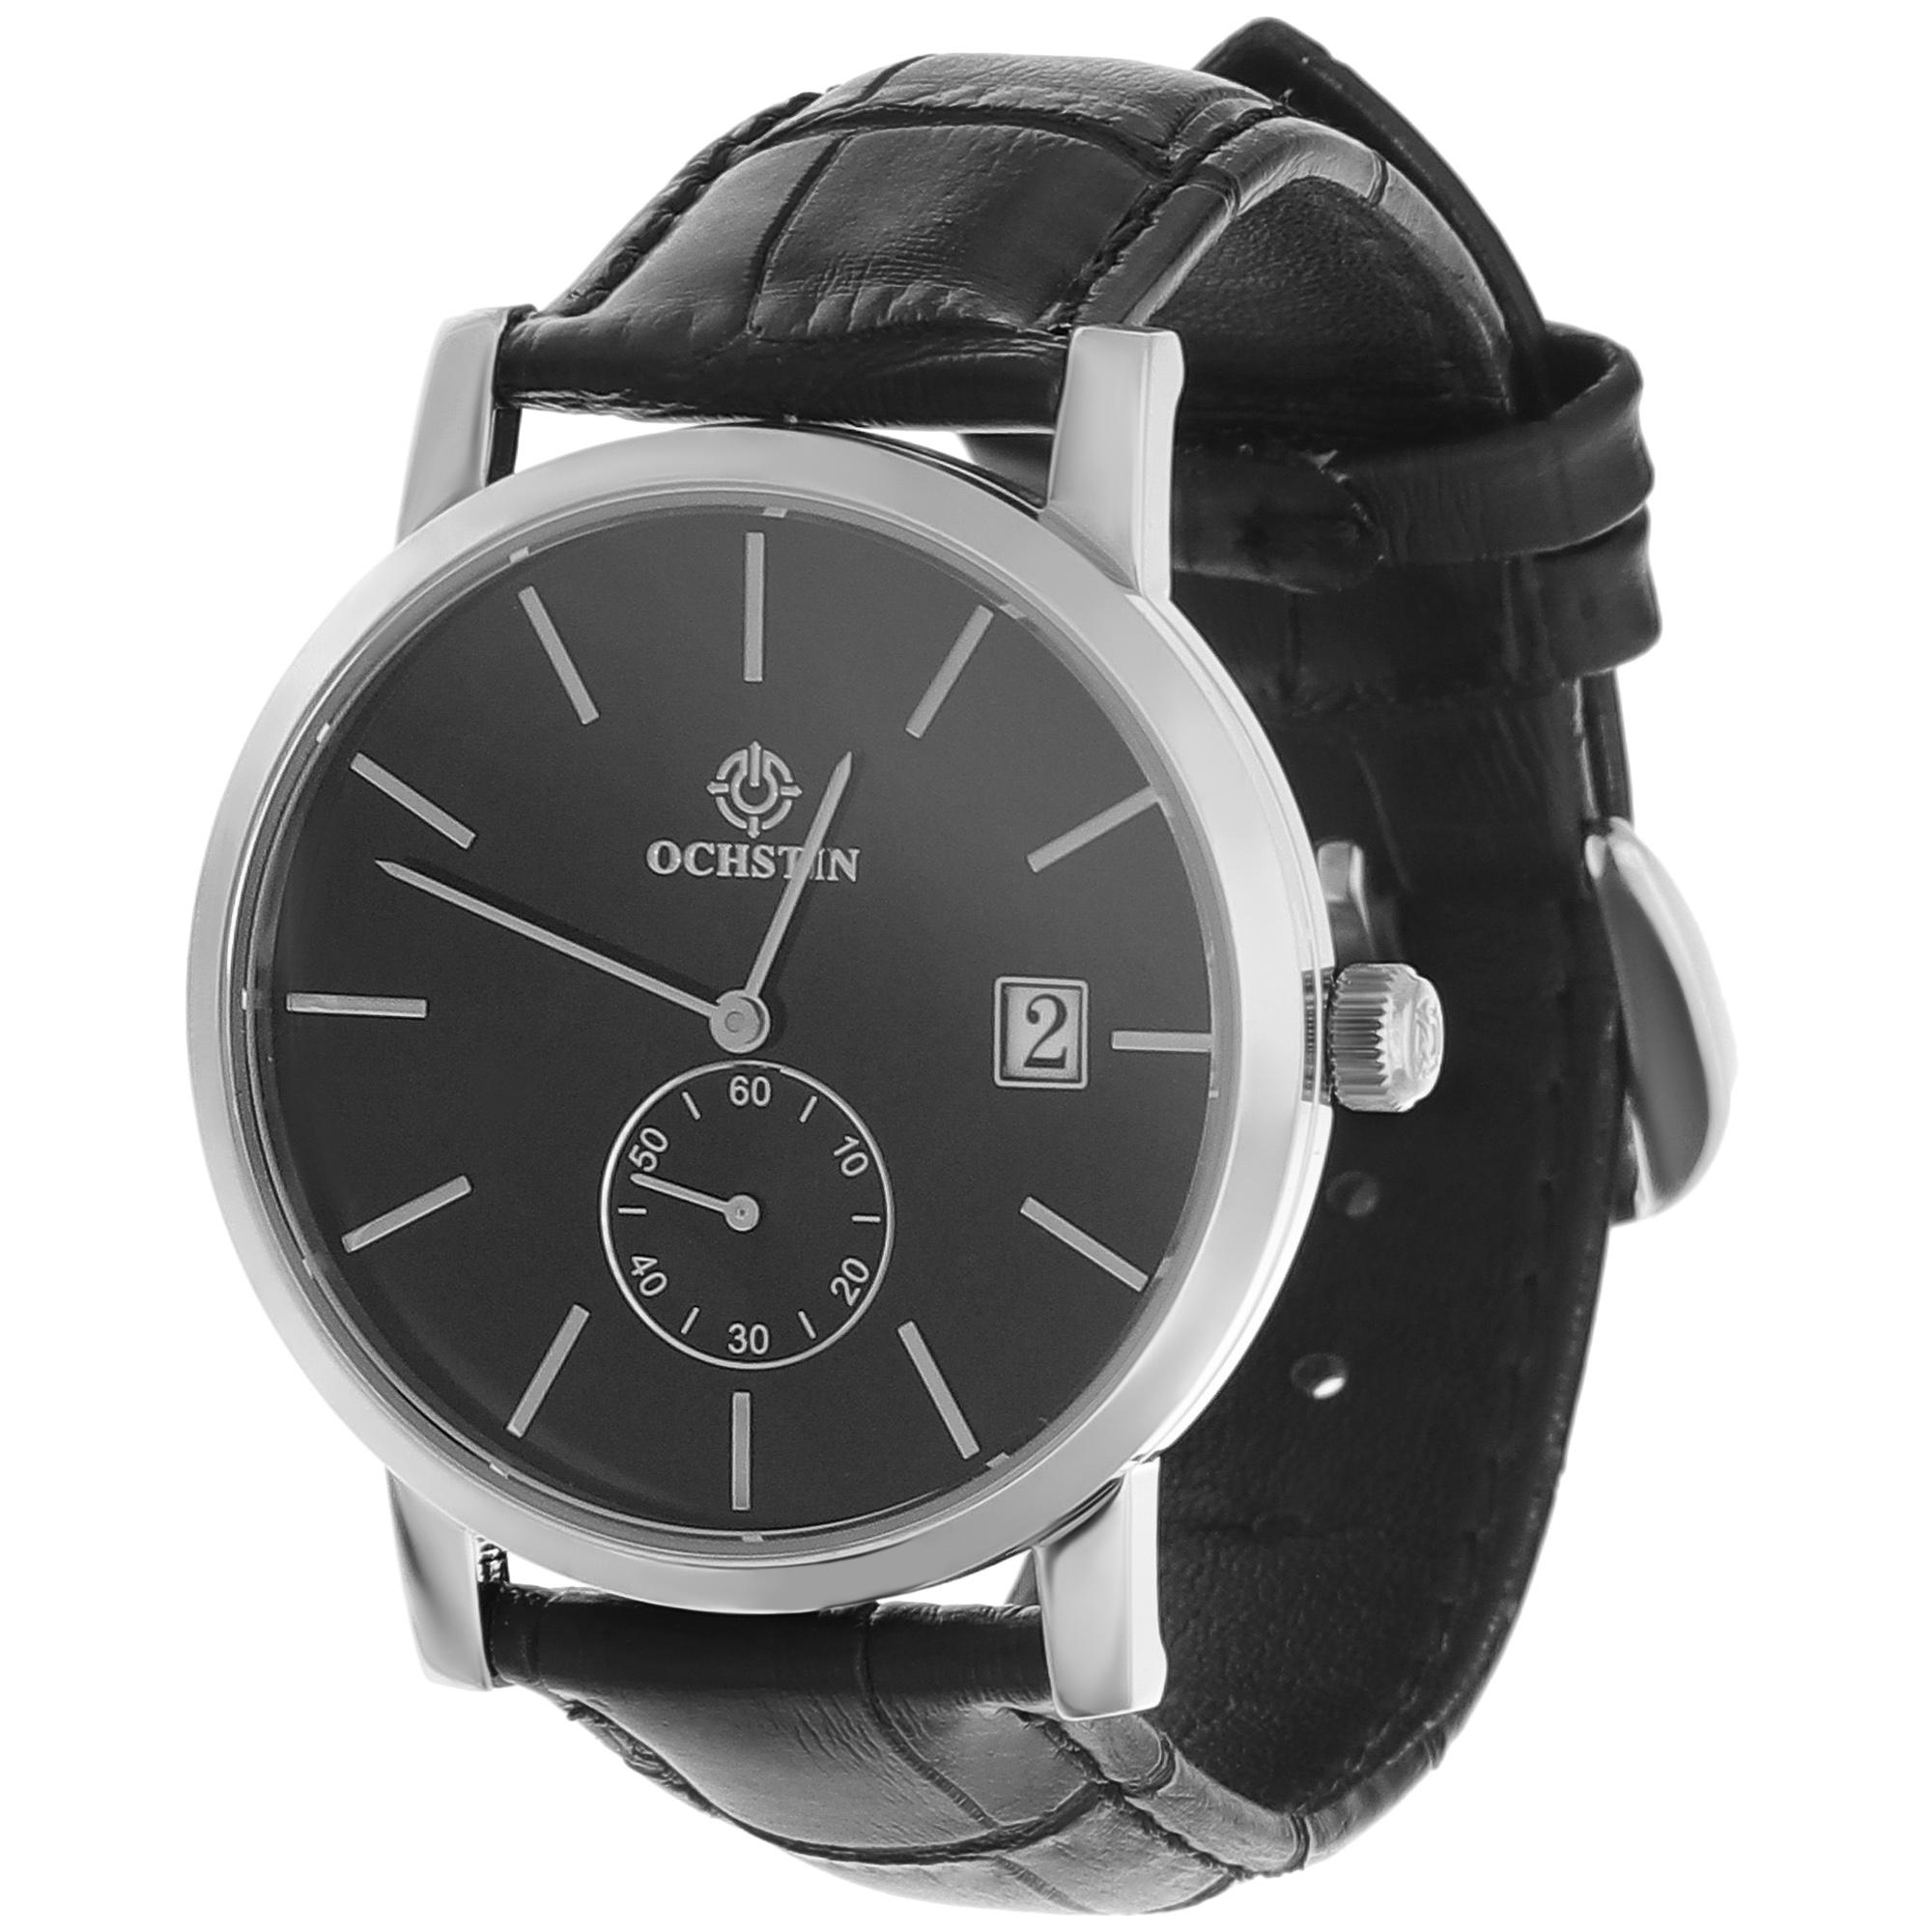 Часы наручные Ochstin AGSD141901PU часы наручные shiyi watch ochstin agsda050119